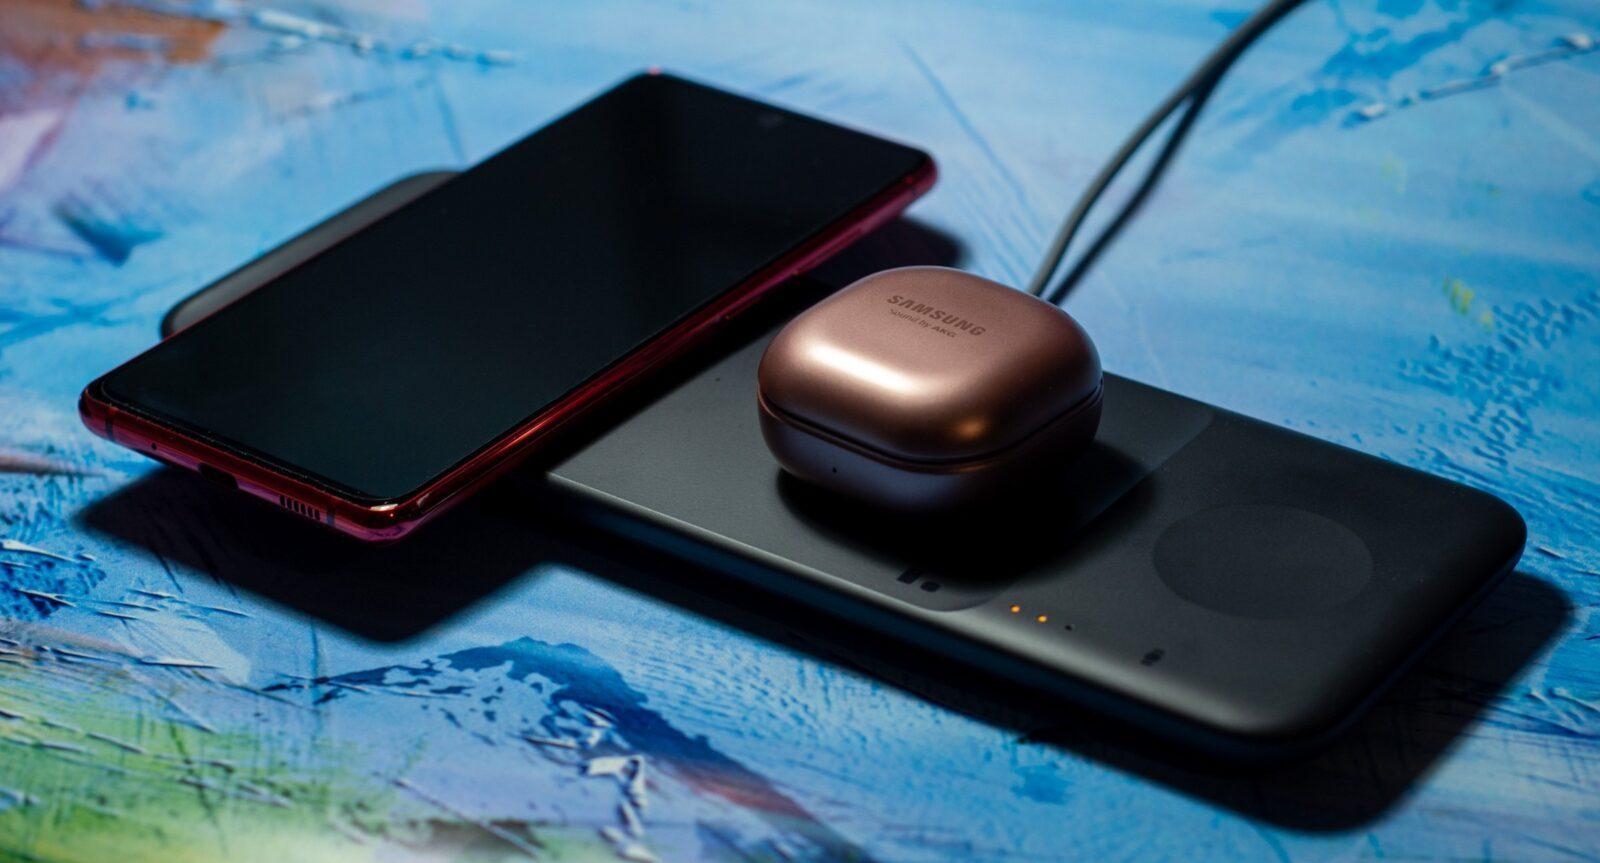 Обзор Samsung Wireless Charger Trio: без проводов и для трёх устройств (DSC 9756 Edit)